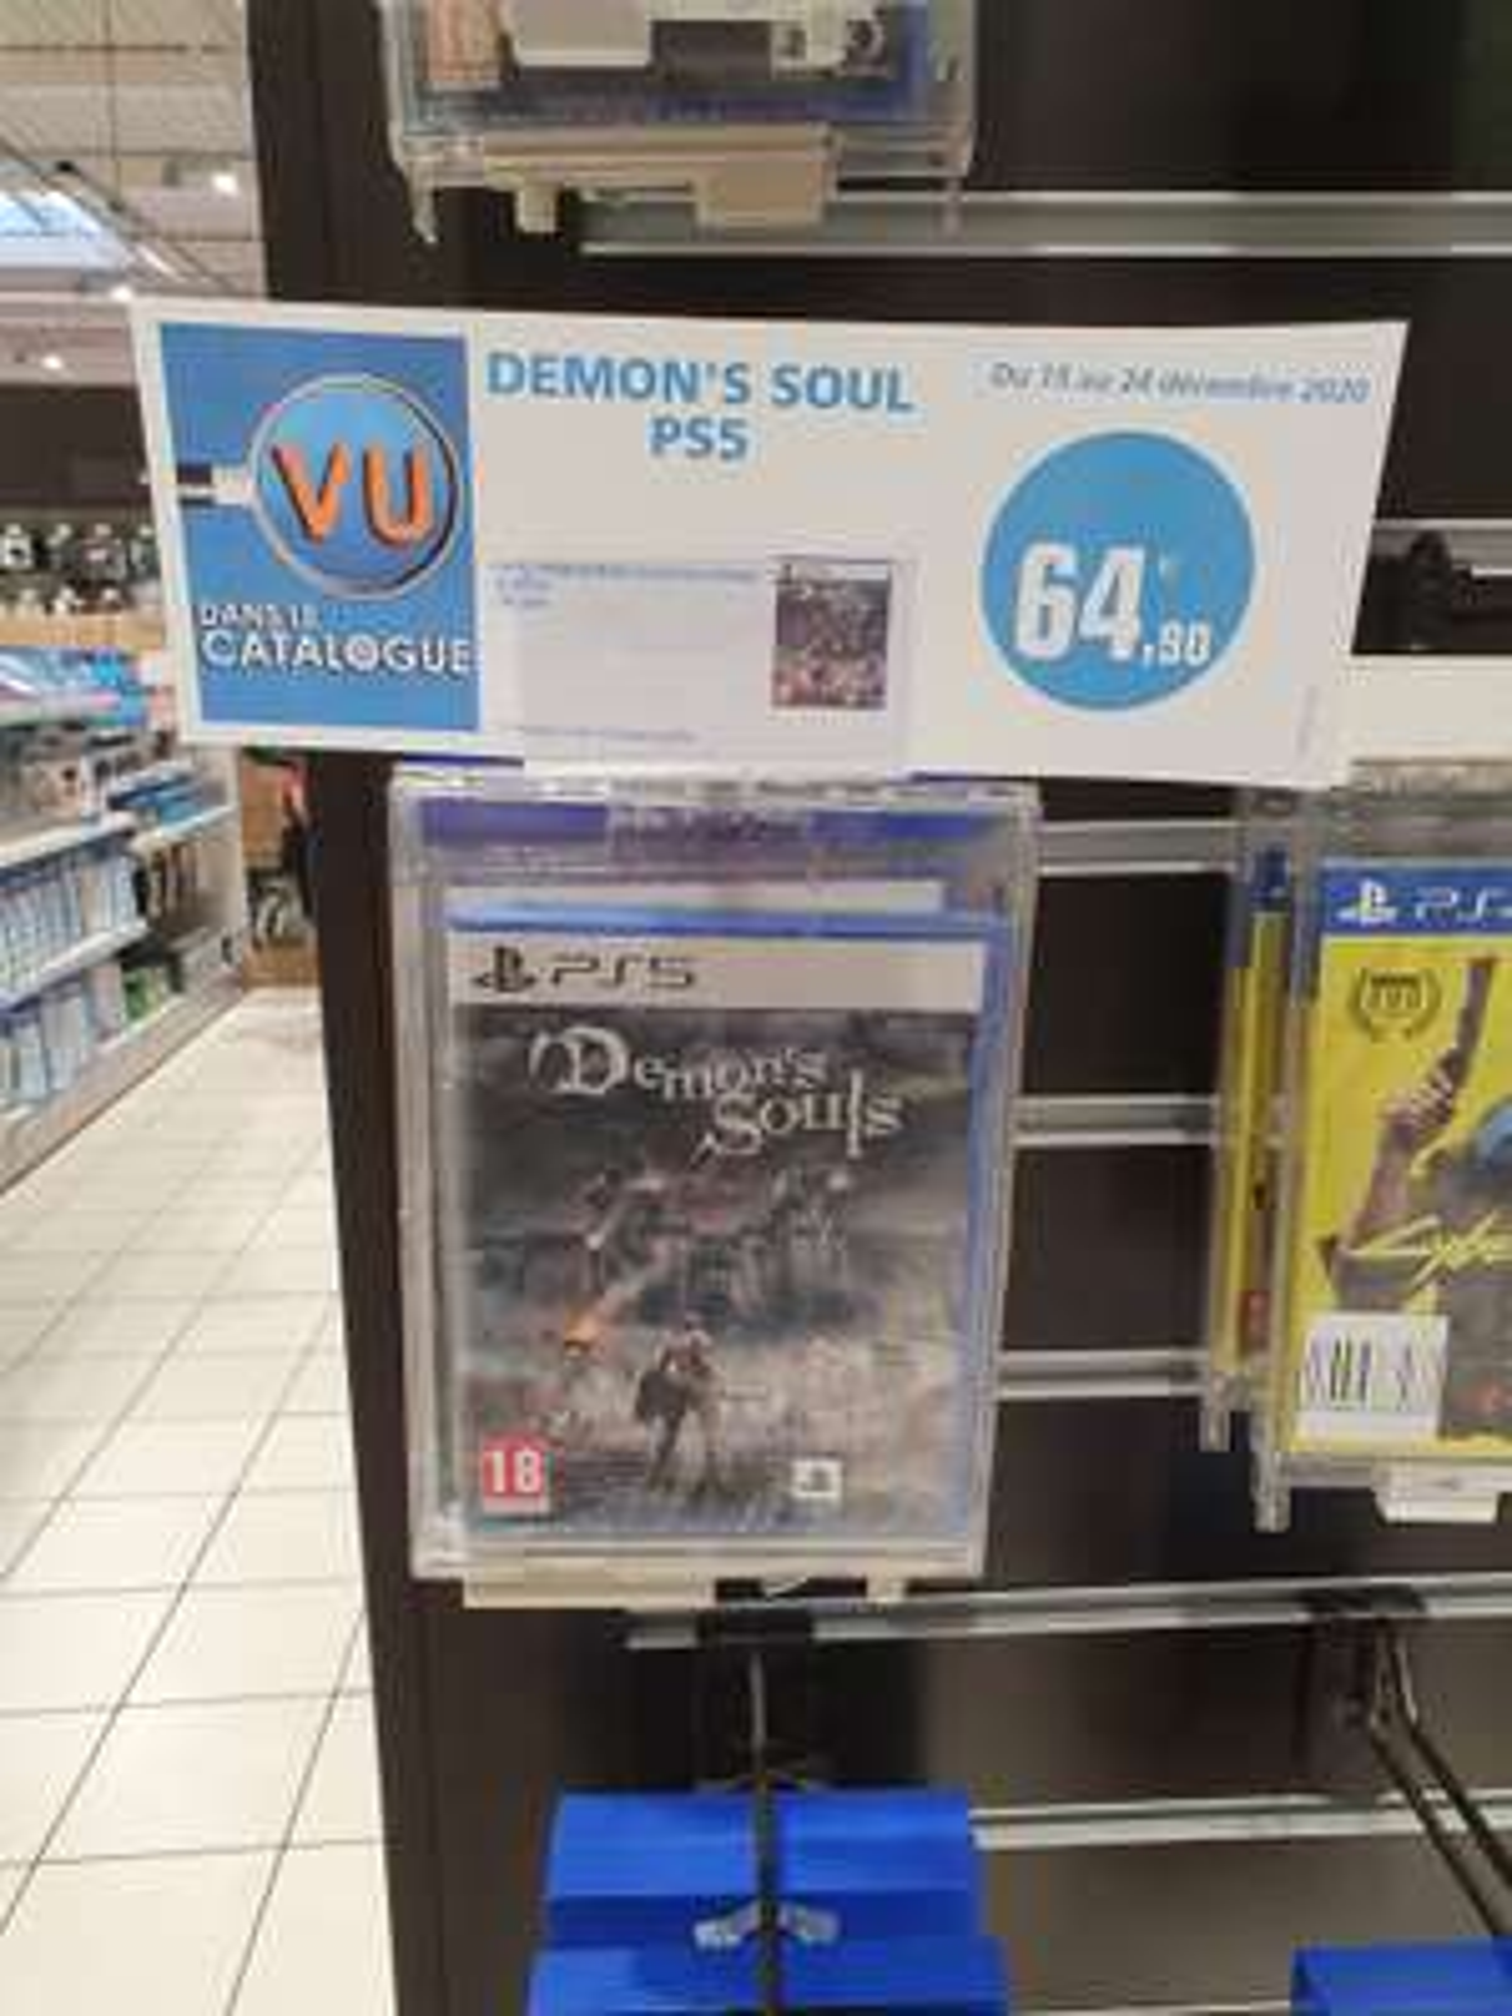 Jeu Demon's Souls sur PS5 - Creutzwald (57)